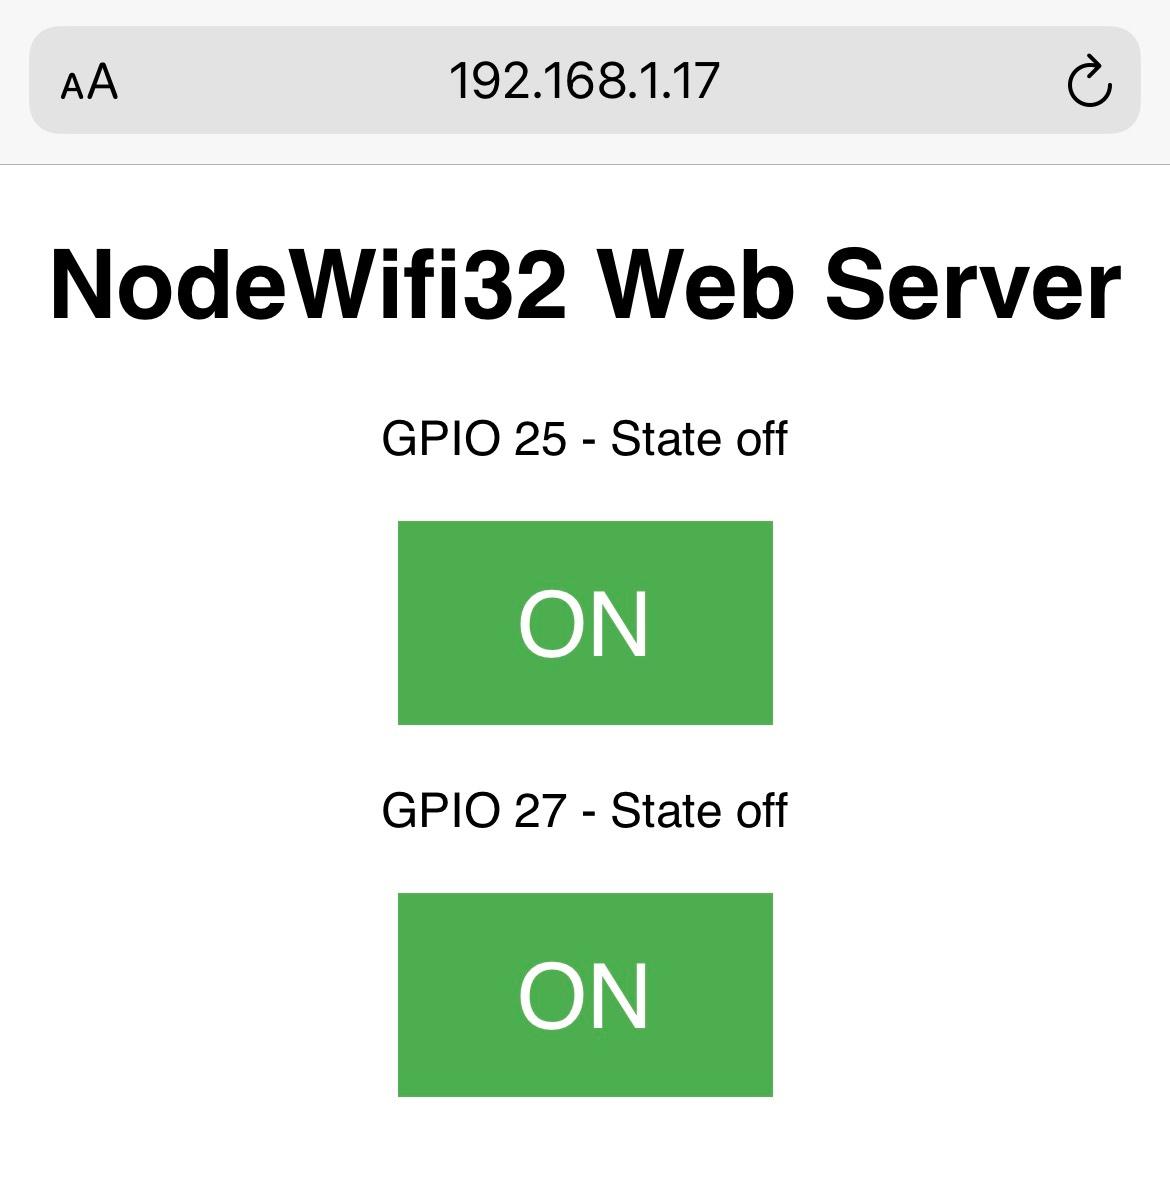 Địa chỉ IP của Node WIfi 32 Web Server